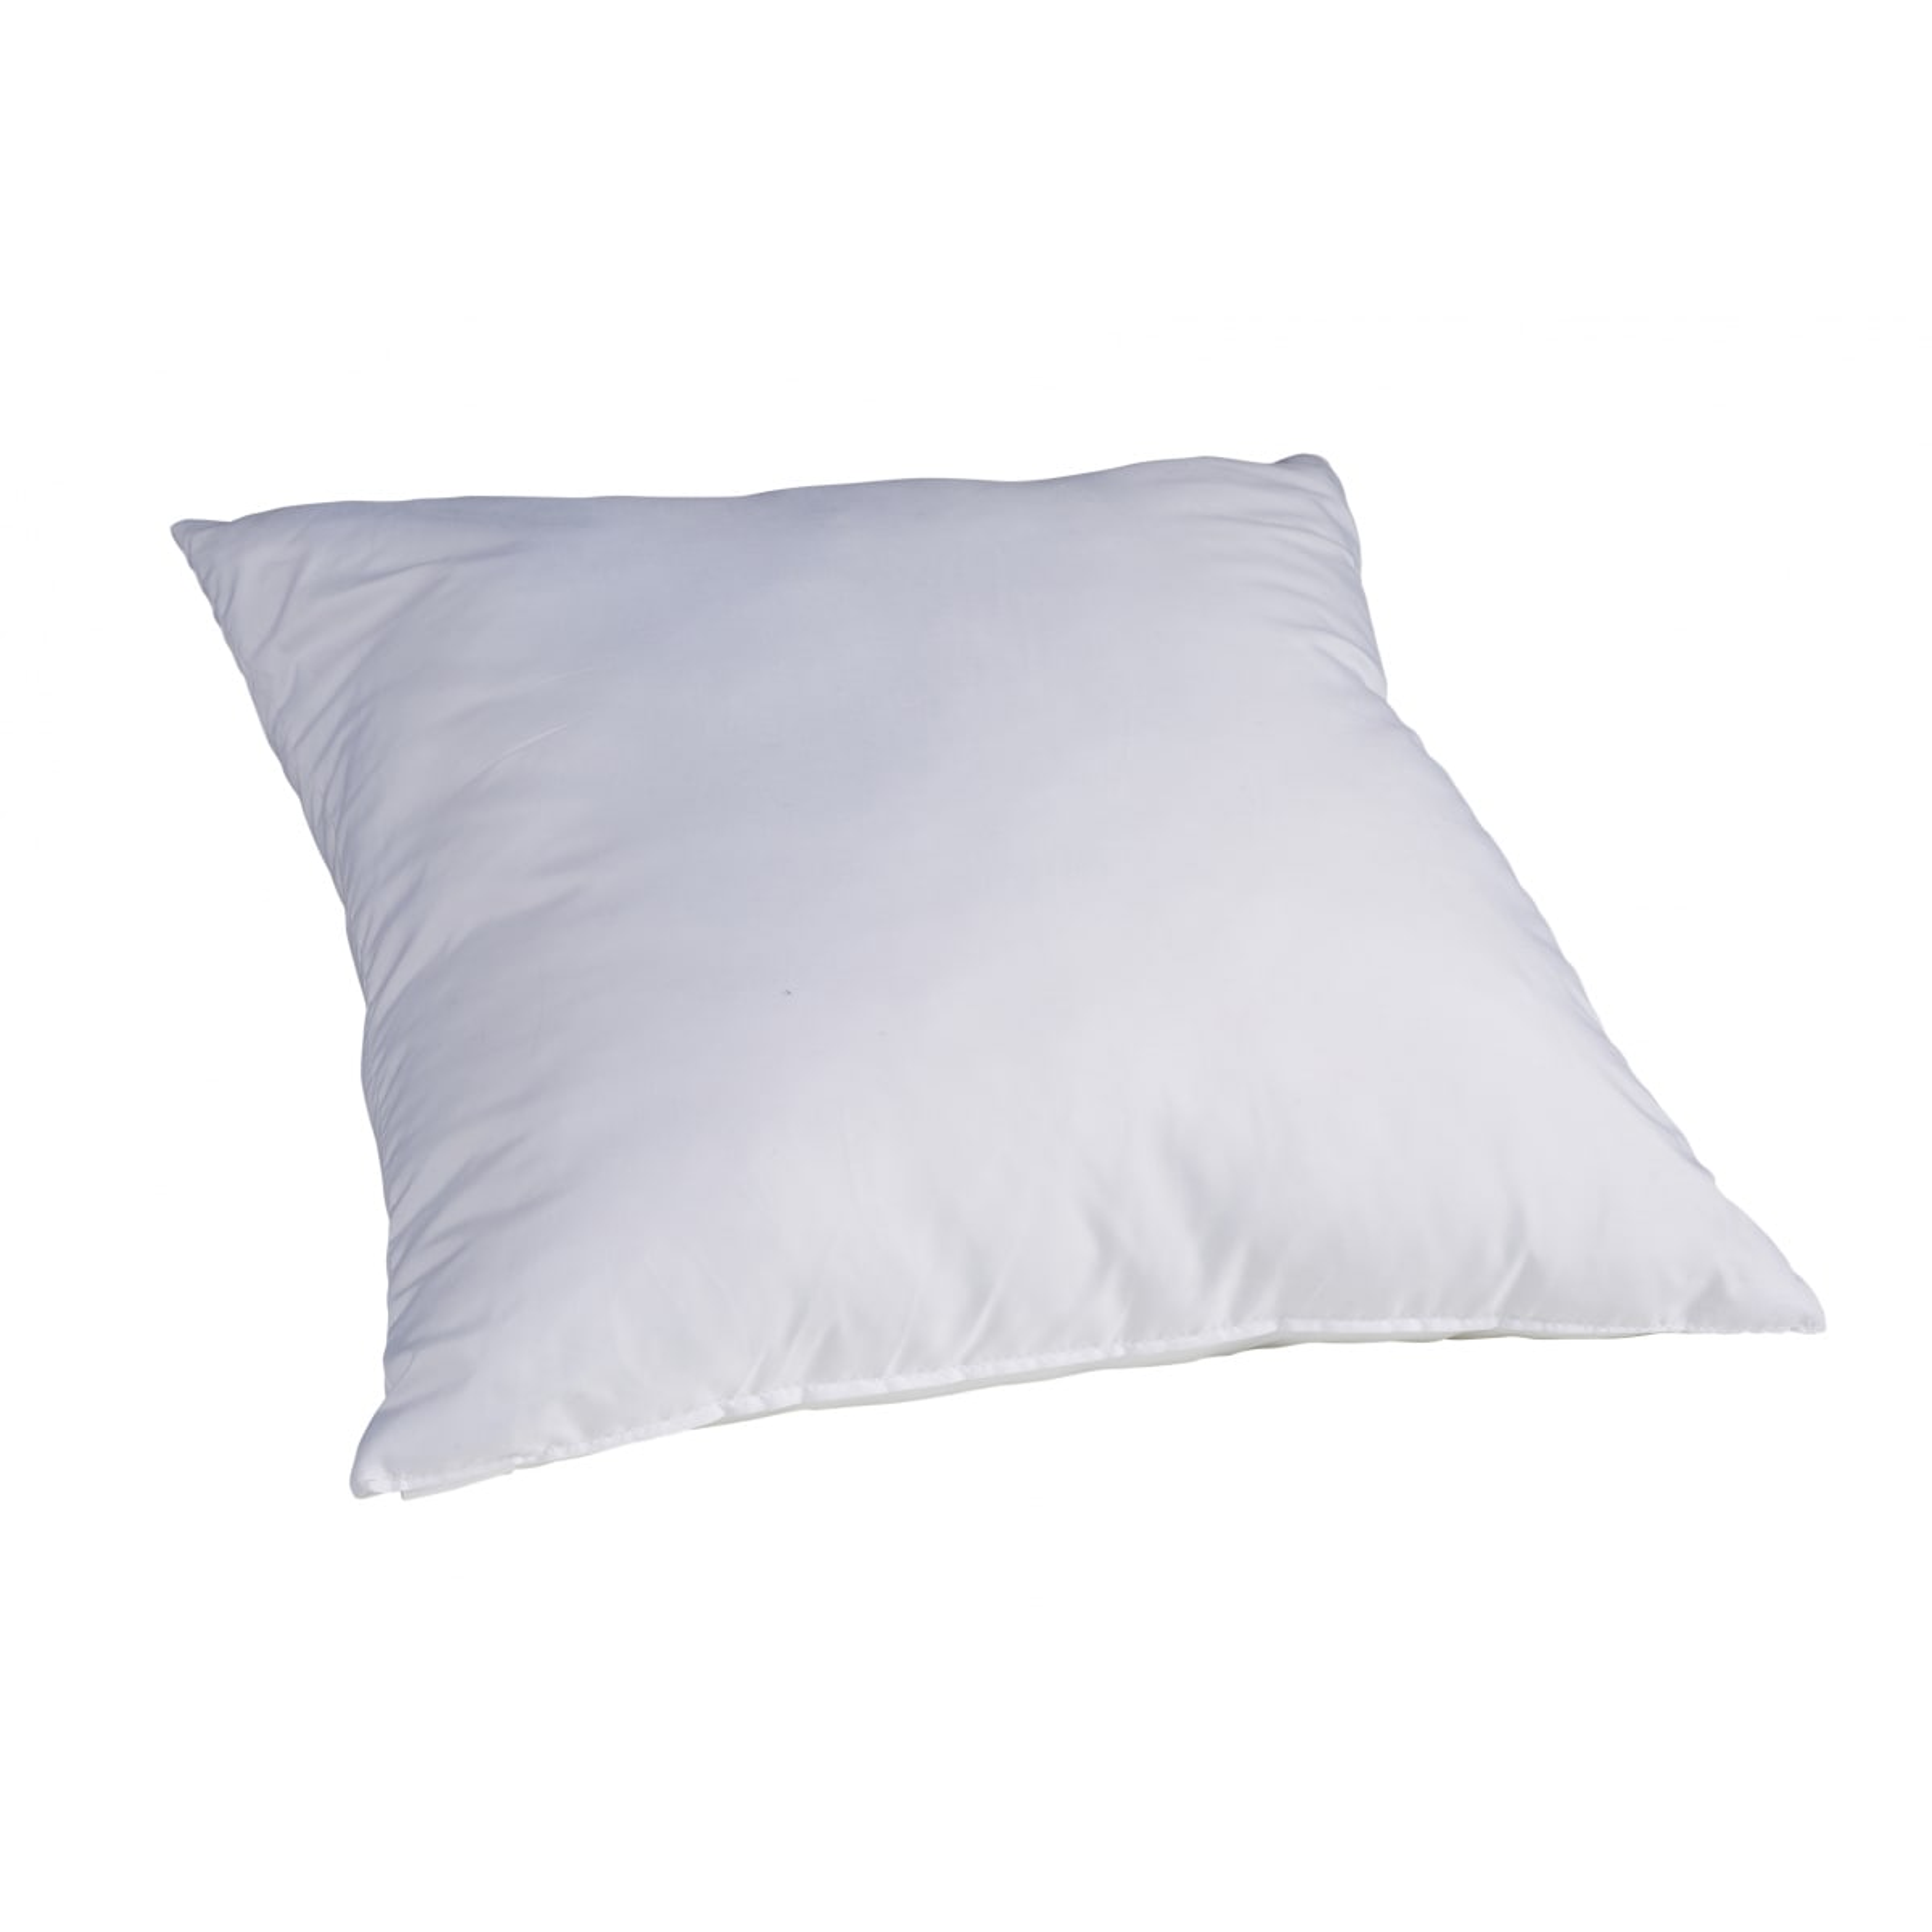 Oreiller enveloppe coton confort 50x70